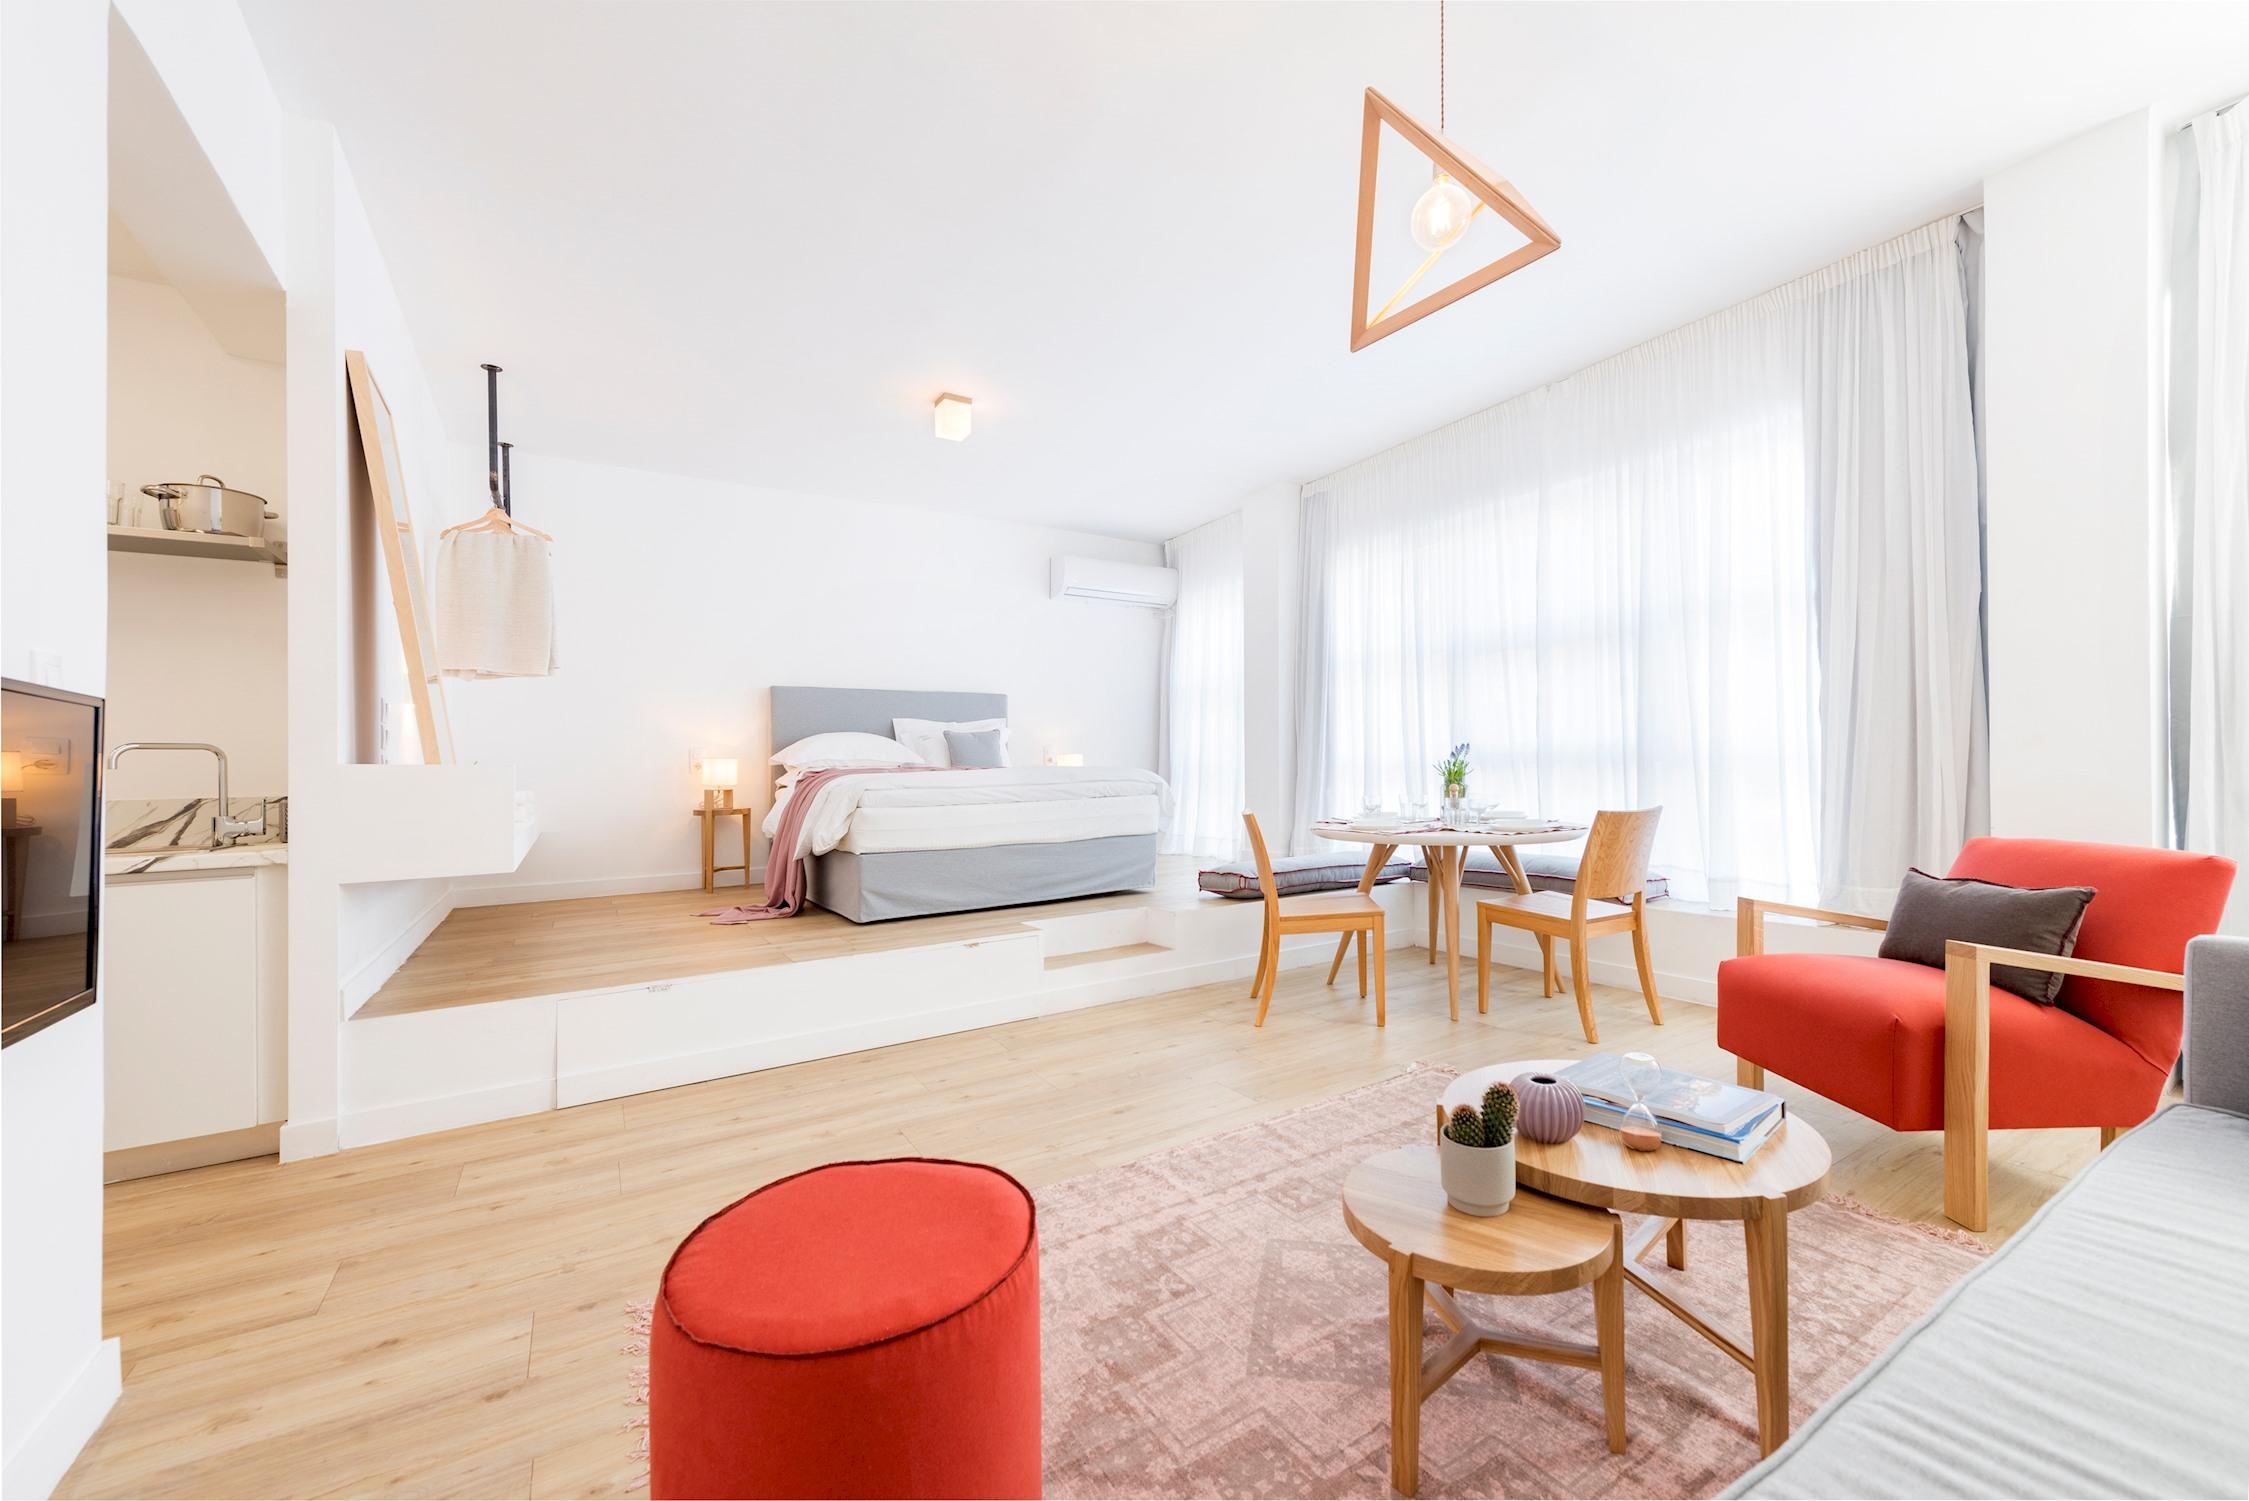 The Premium Loft Apartment